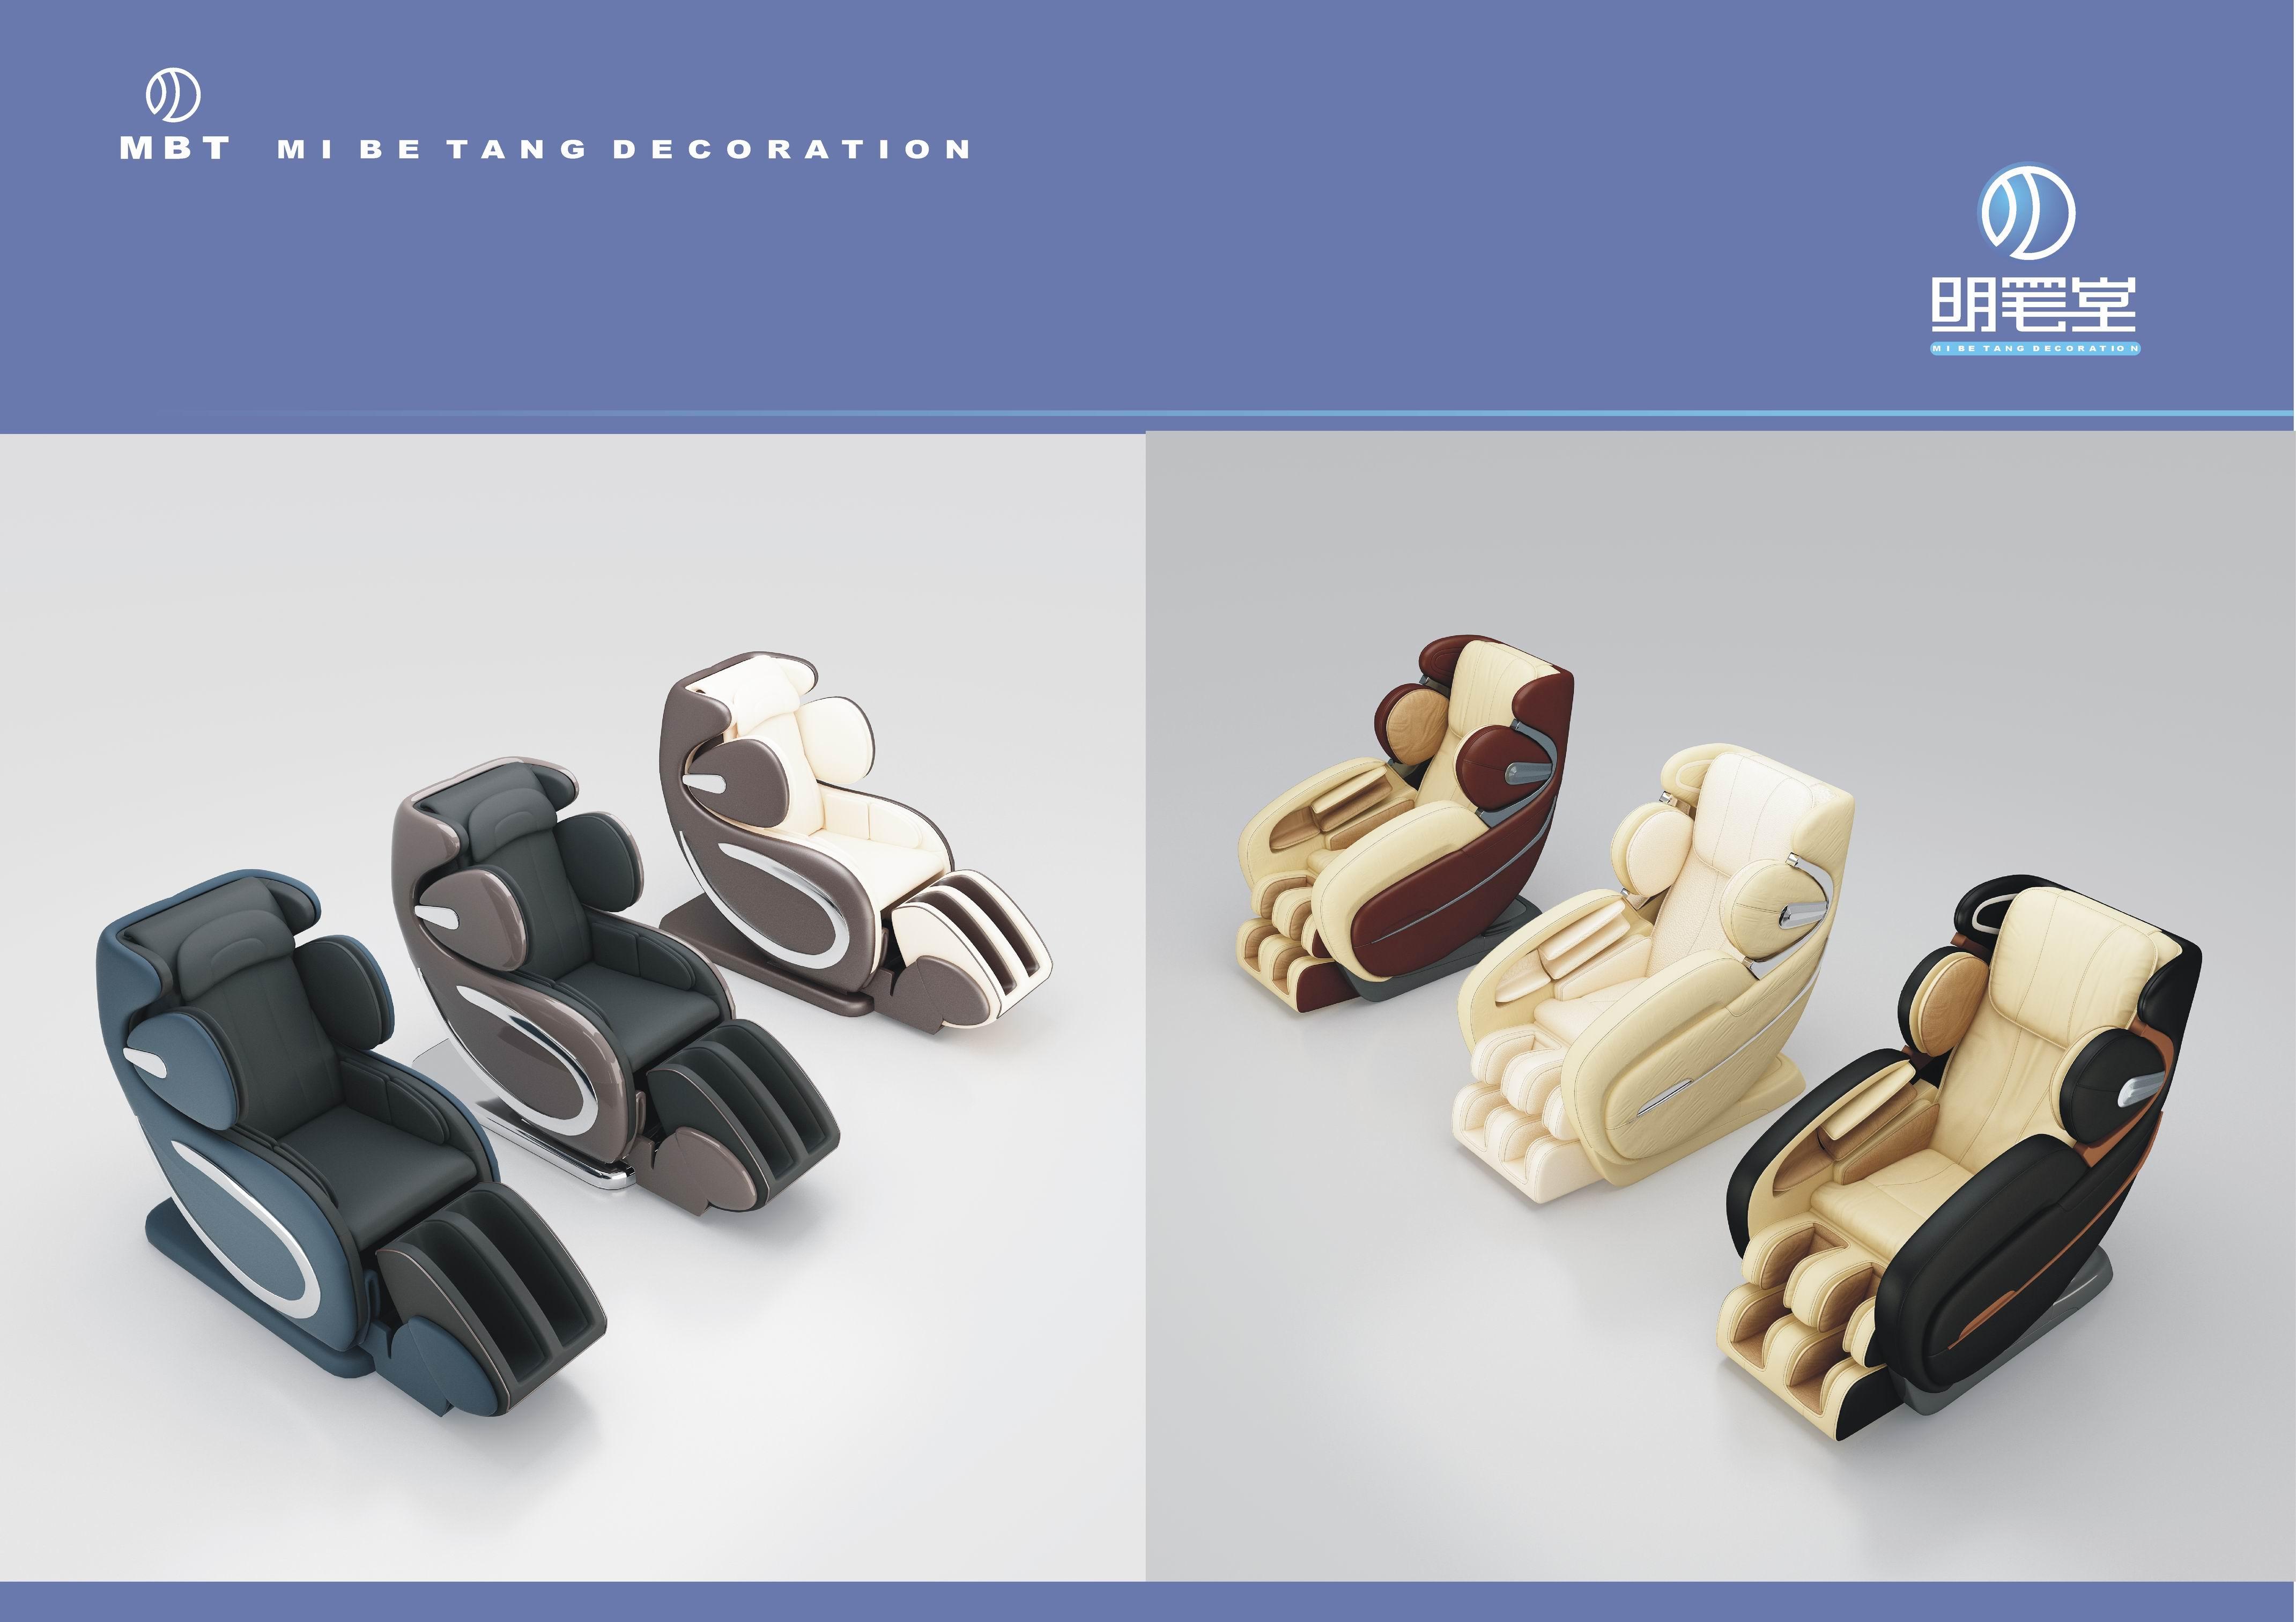 产品建模3D建模模具设计3D打印犀牛建模产品外观及结构设计